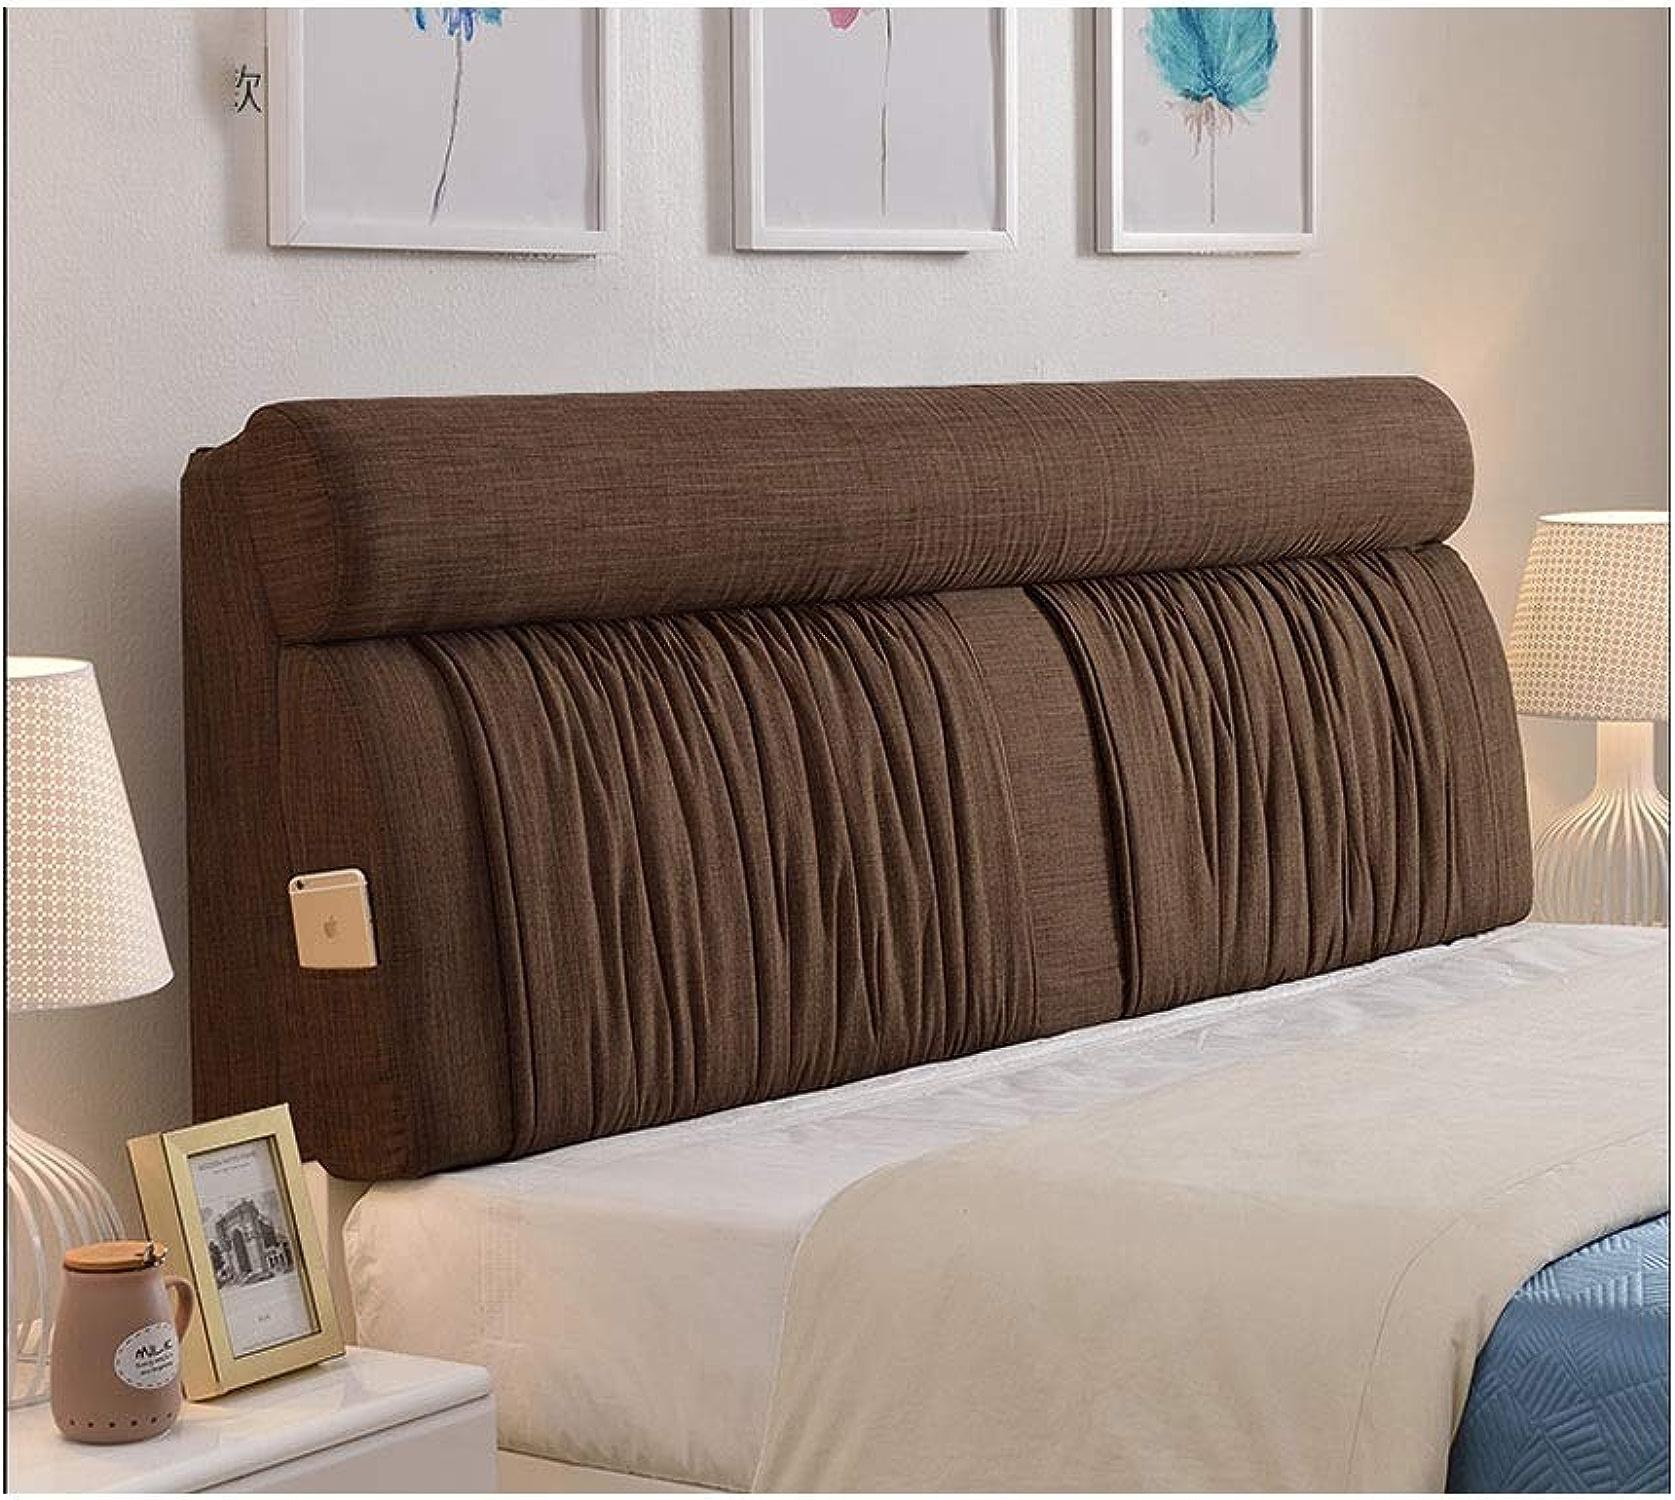 TAO Tête de lit européen Double grand coussin dorsal doux sans coussin de tête de lit Couvre-lit en tissu pour oreiller amovible et lavable (Couleur   D, taille   185  60cm)